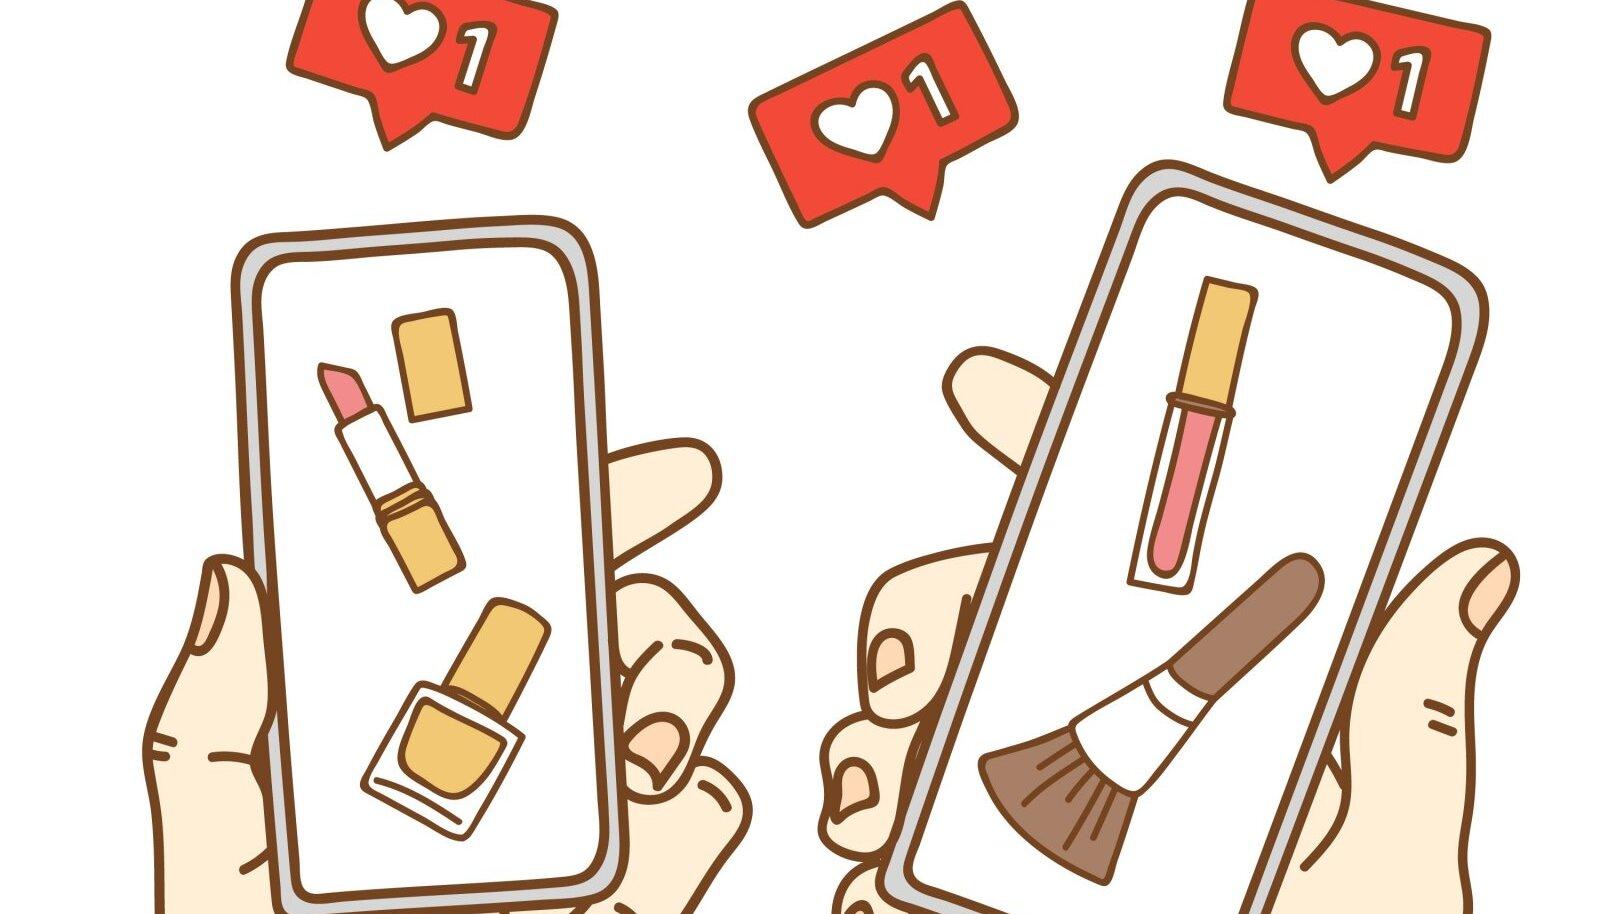 Sotsiaalmeedia ja seal arvestavat hulka jälgijaid omavad inimesed mõjutavad tarbimist üha enam.